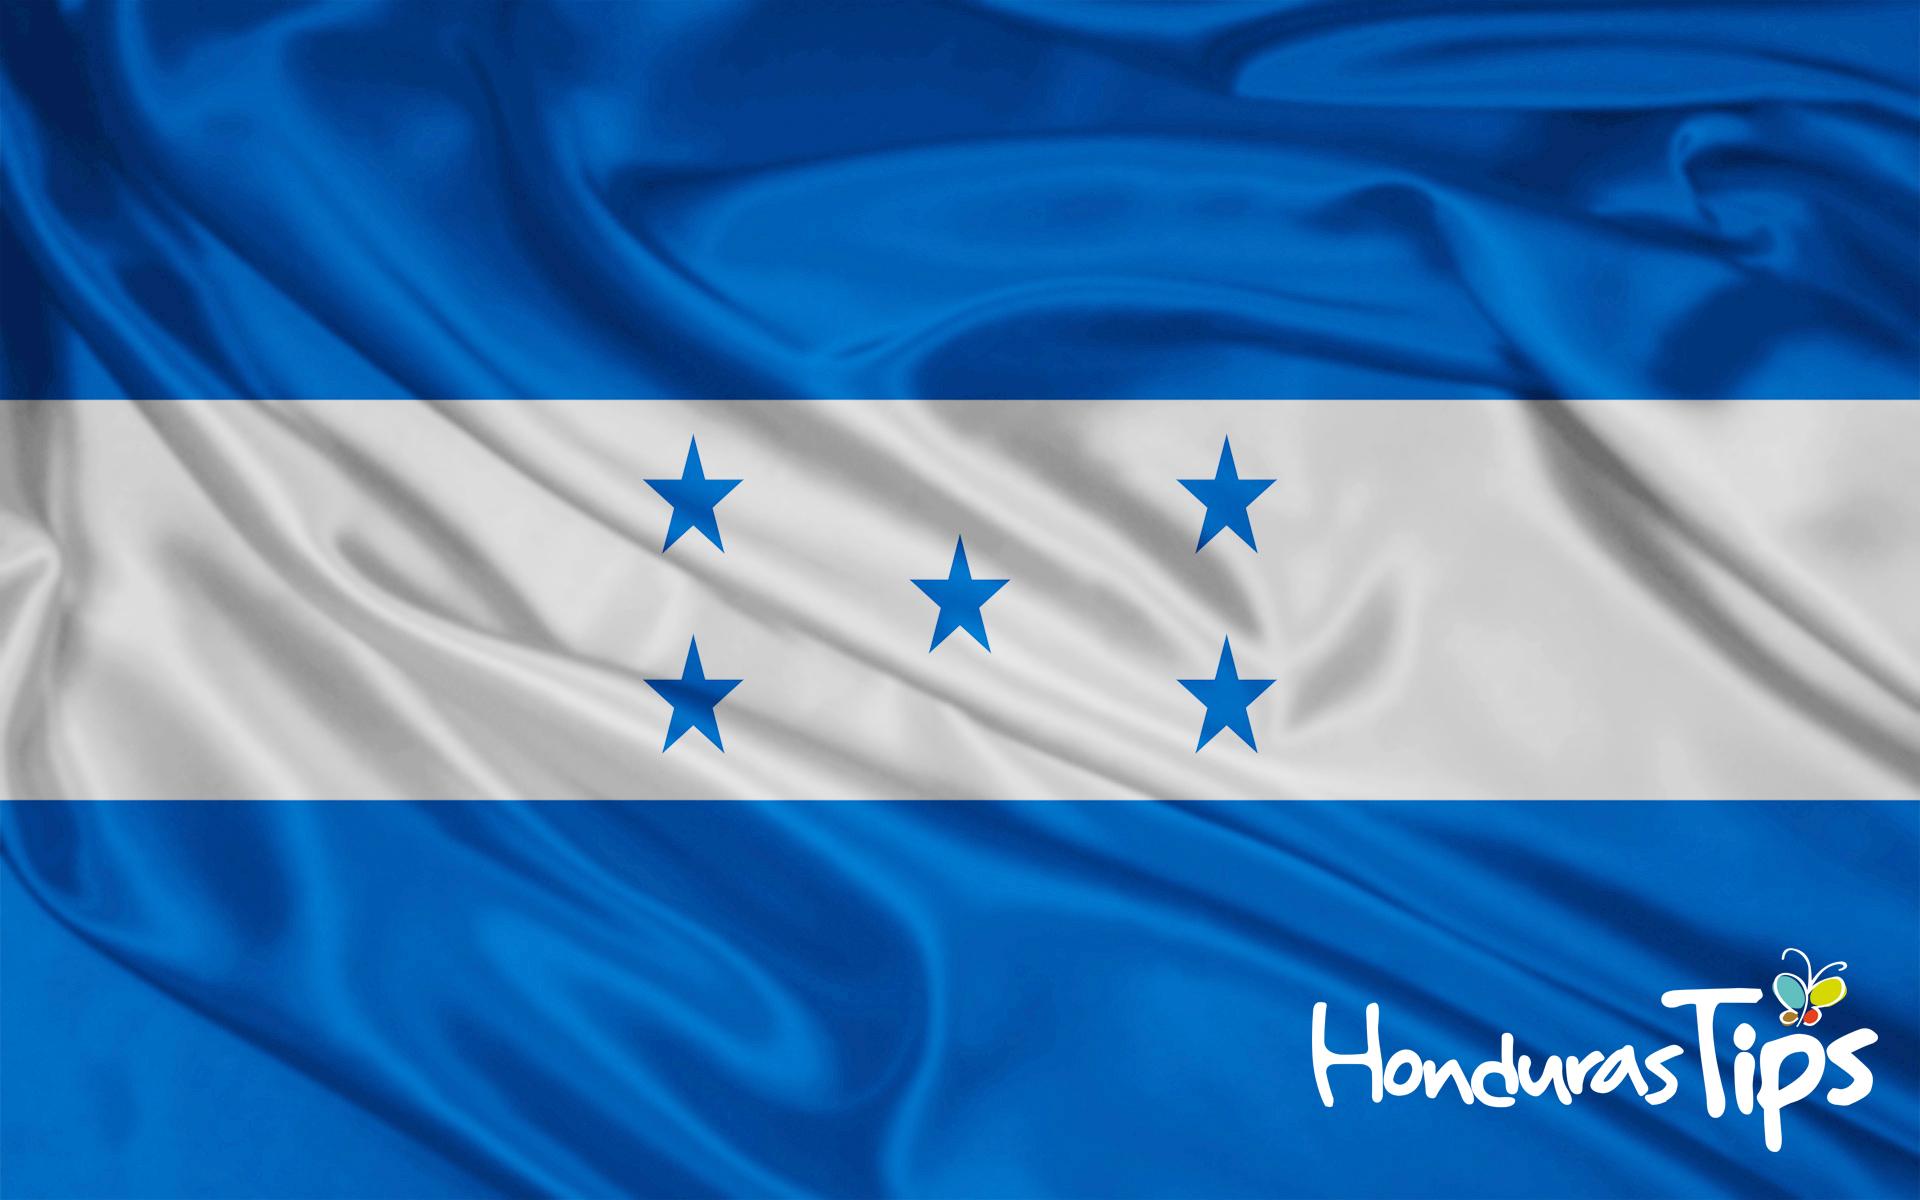 Bandera oficial de la República de Honduras desde 1949.